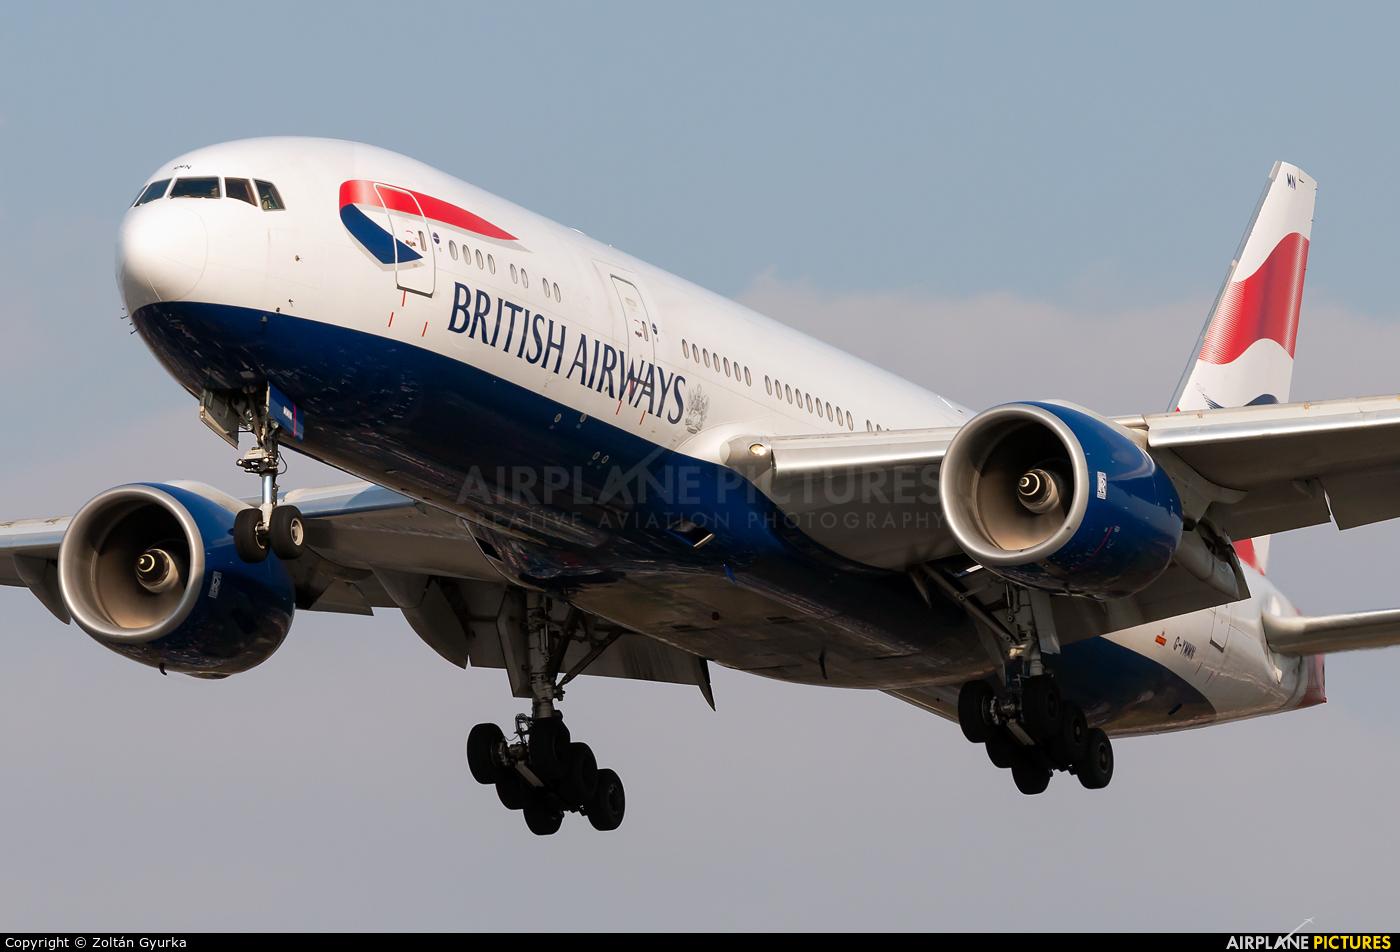 British Airways G-YMMN aircraft at London - Heathrow